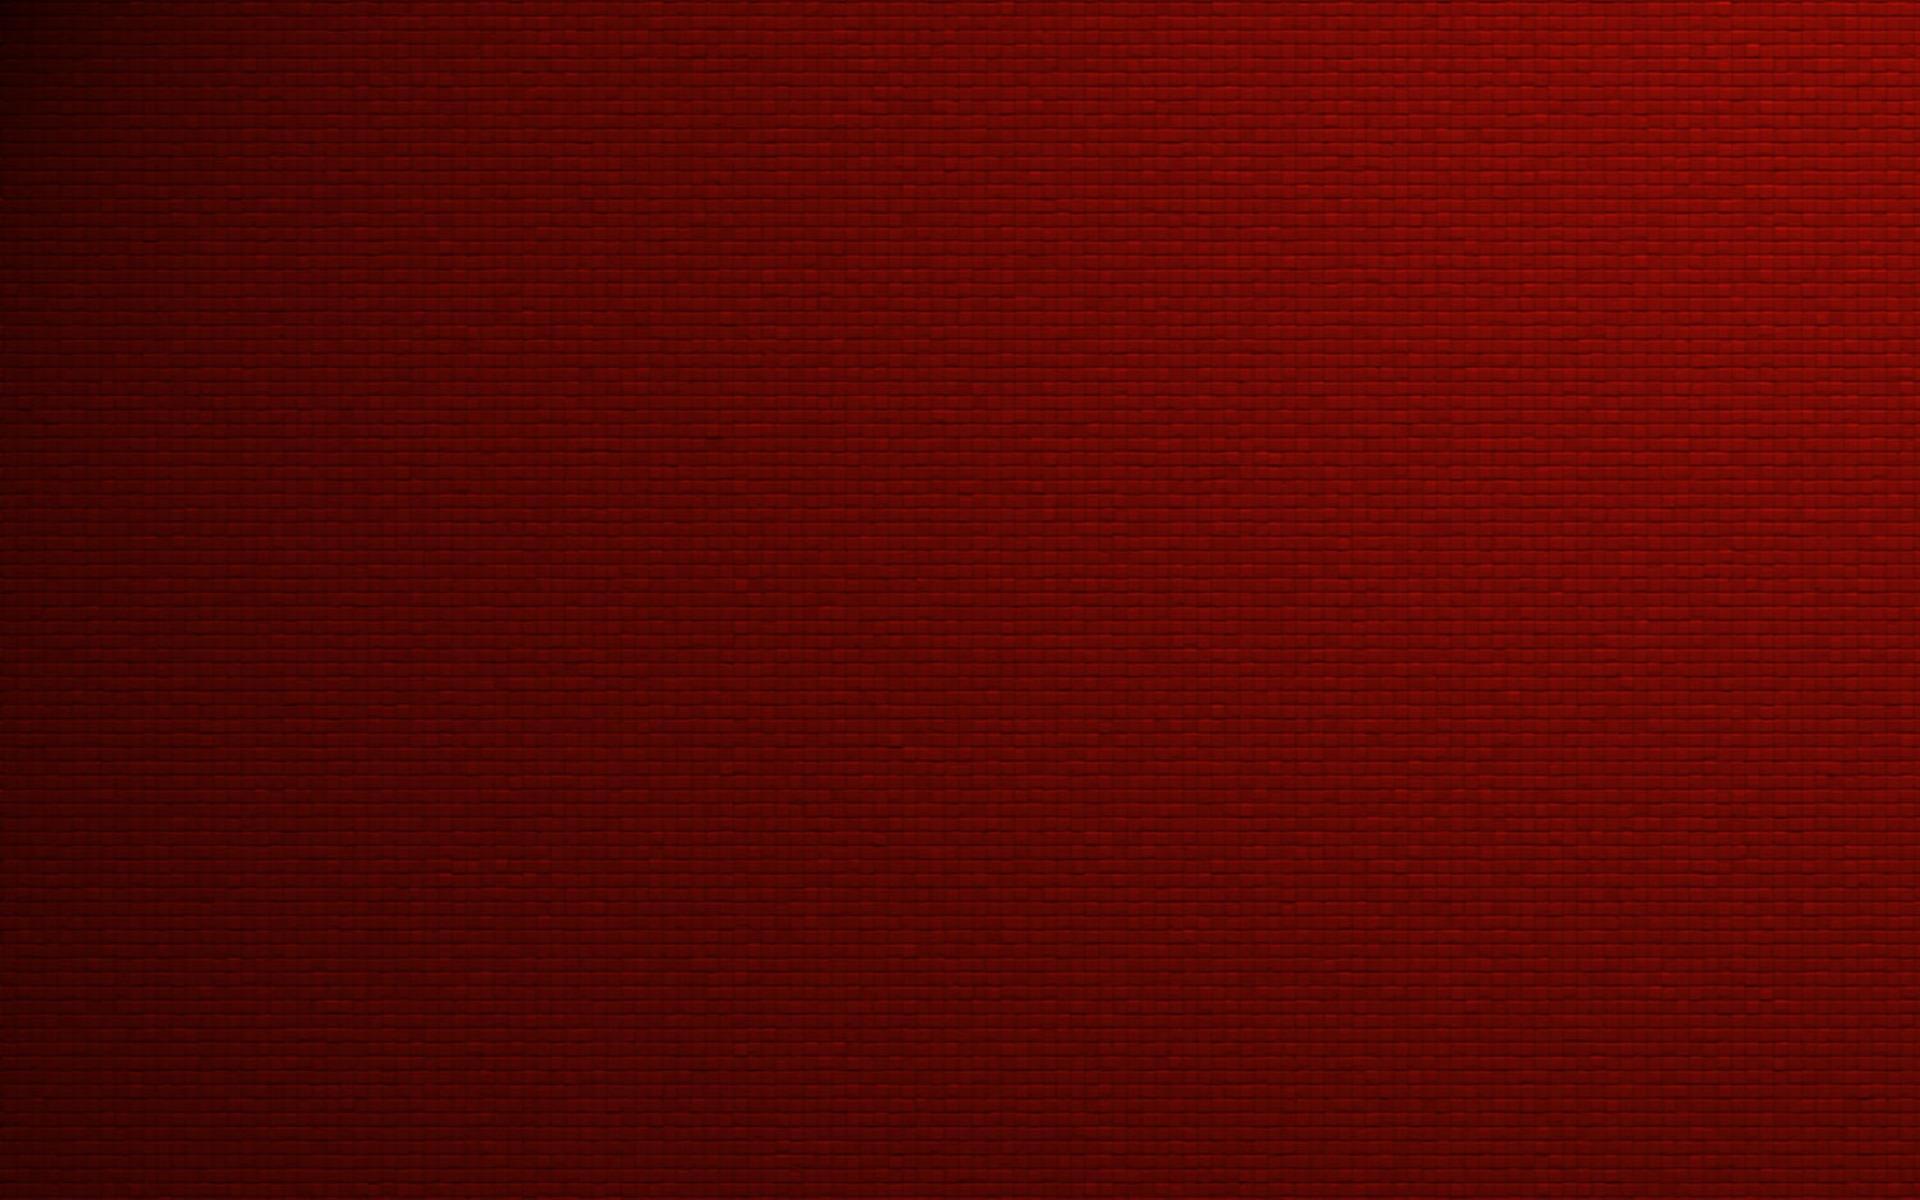 Windows Red Wallpaper - WallpaperSafari